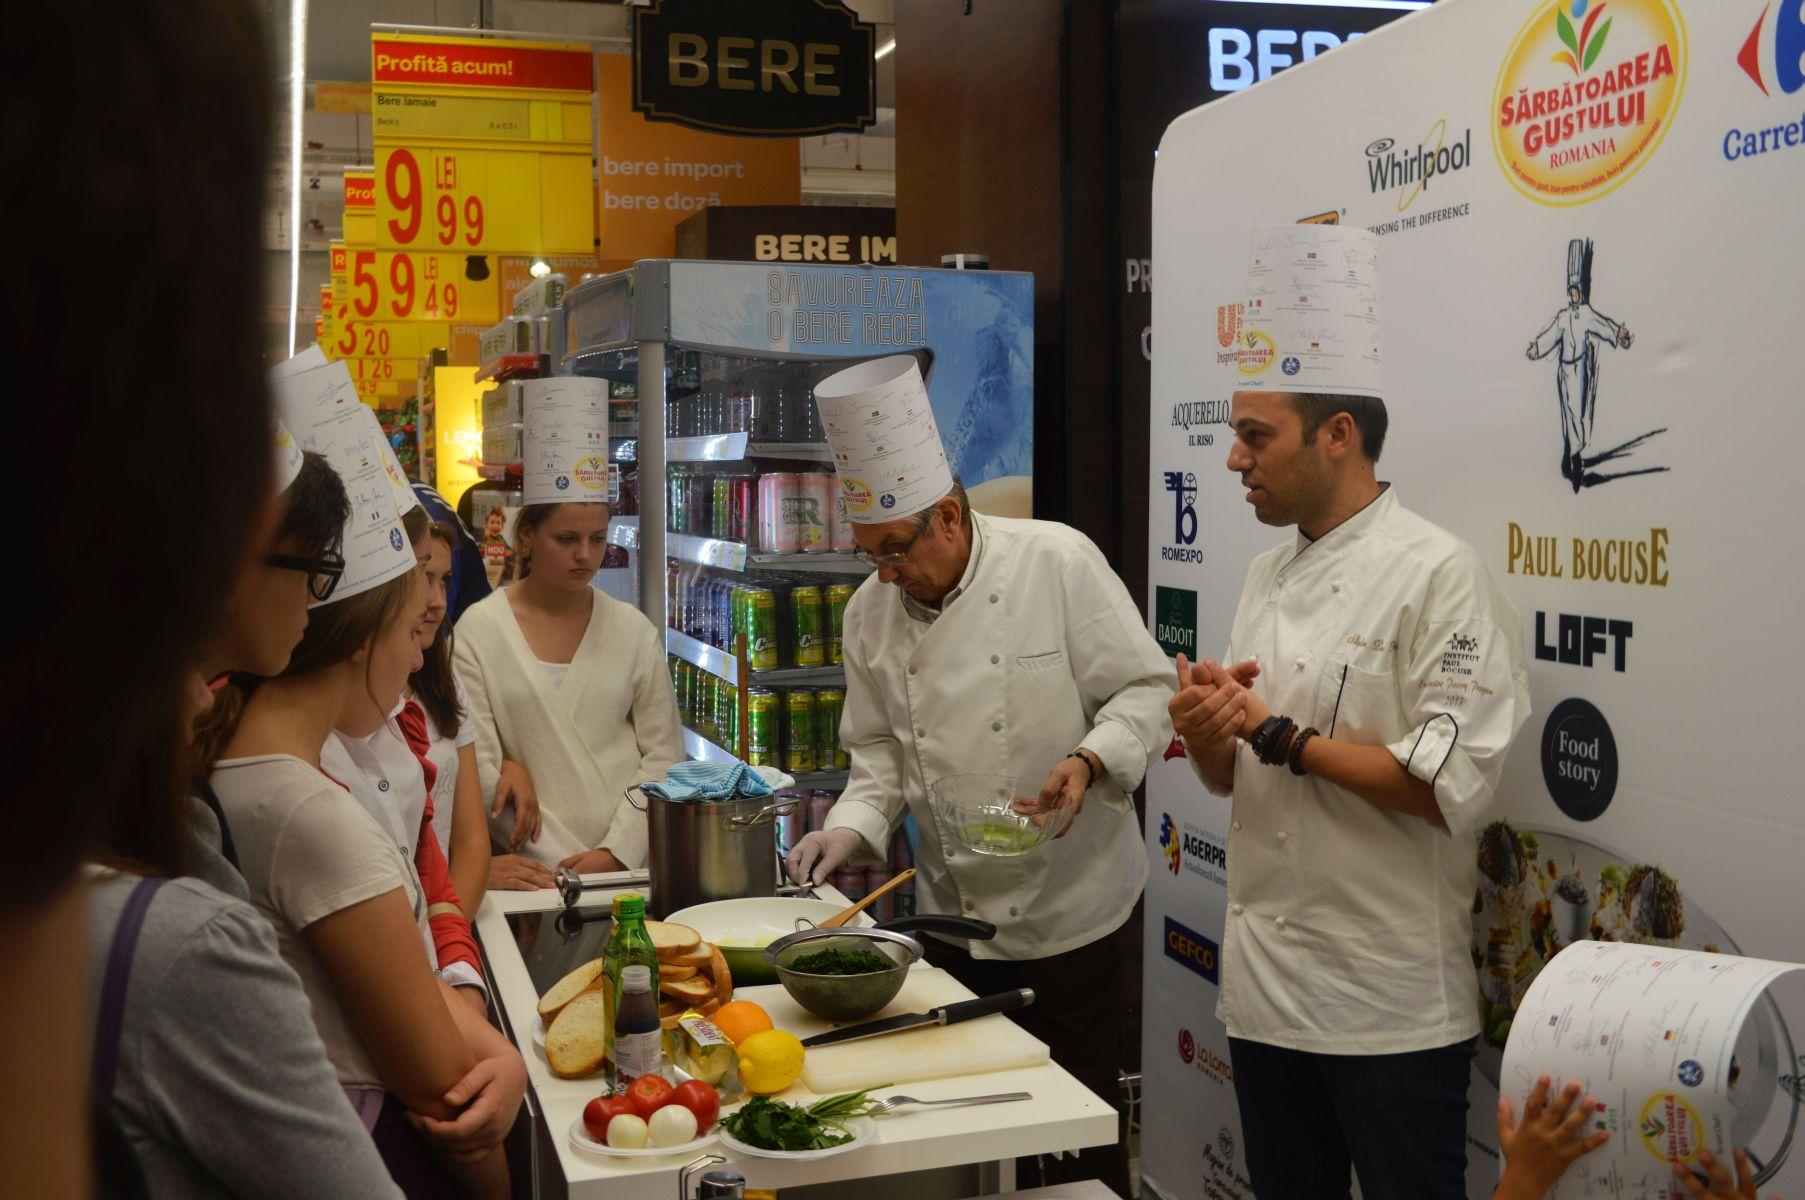 Atelier_Culinar_Sarbatoarea_Gustului_Carrefour_MegaMall_Atelier_Educational_10